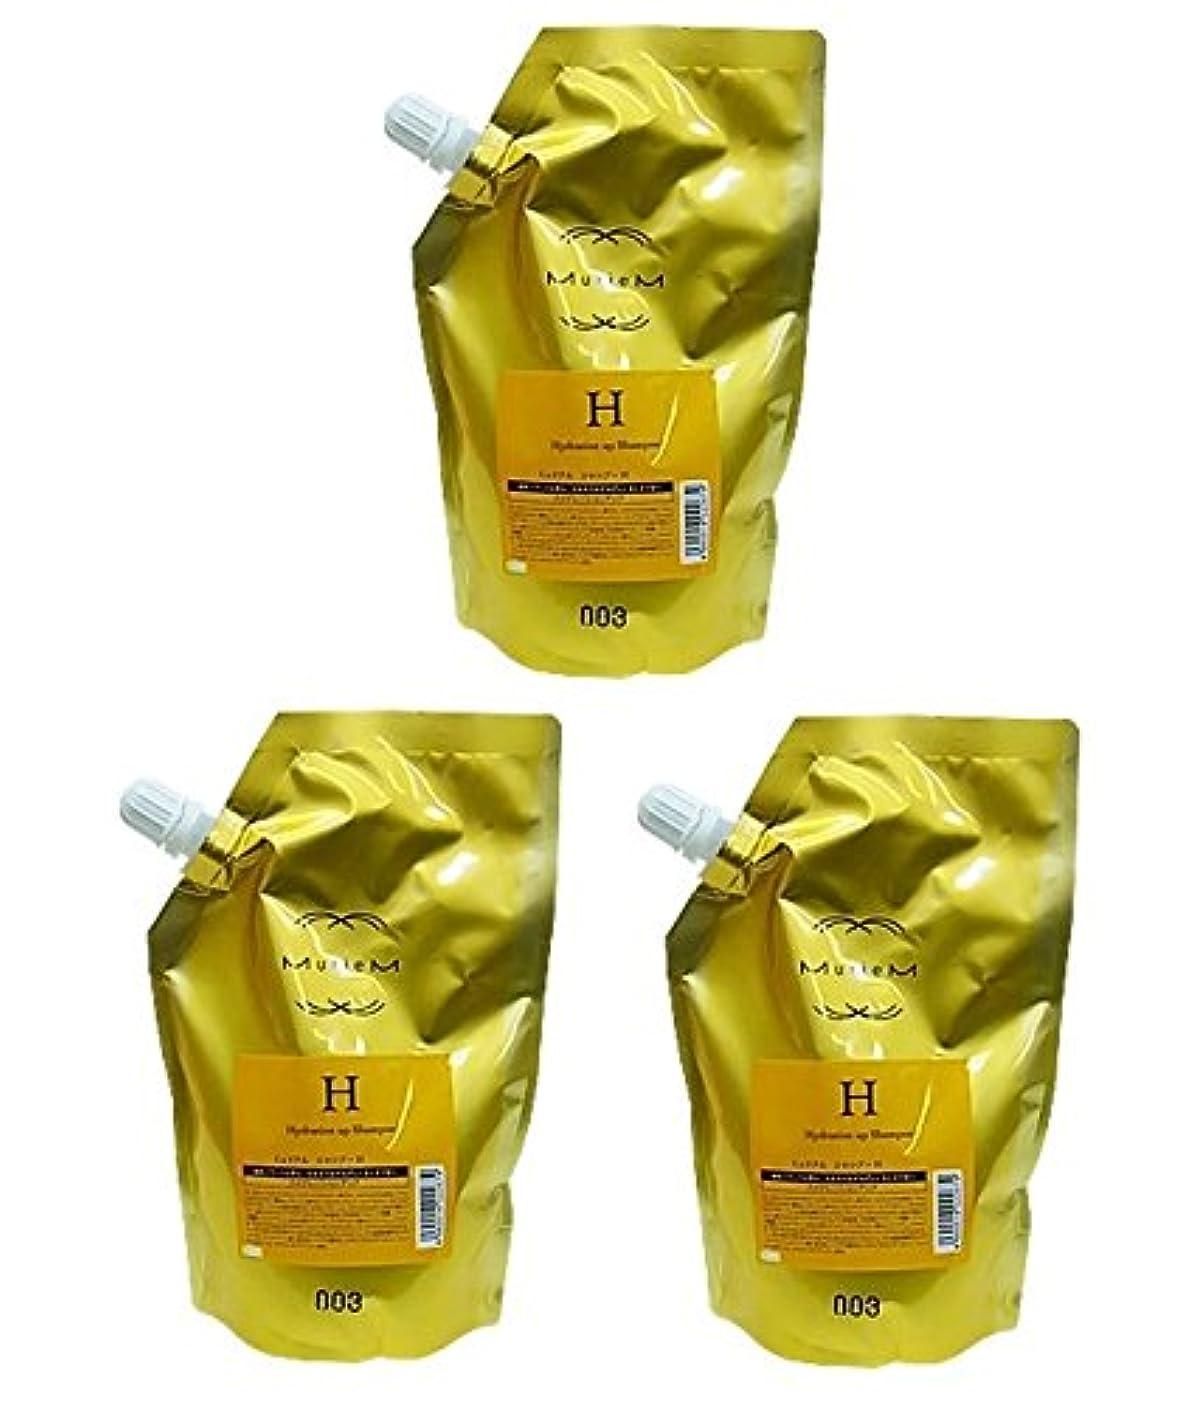 ささやき焼く会う【X3個セット】 ナンバースリー ミュリアム ゴールド シャンプー H 500ml 詰替え用